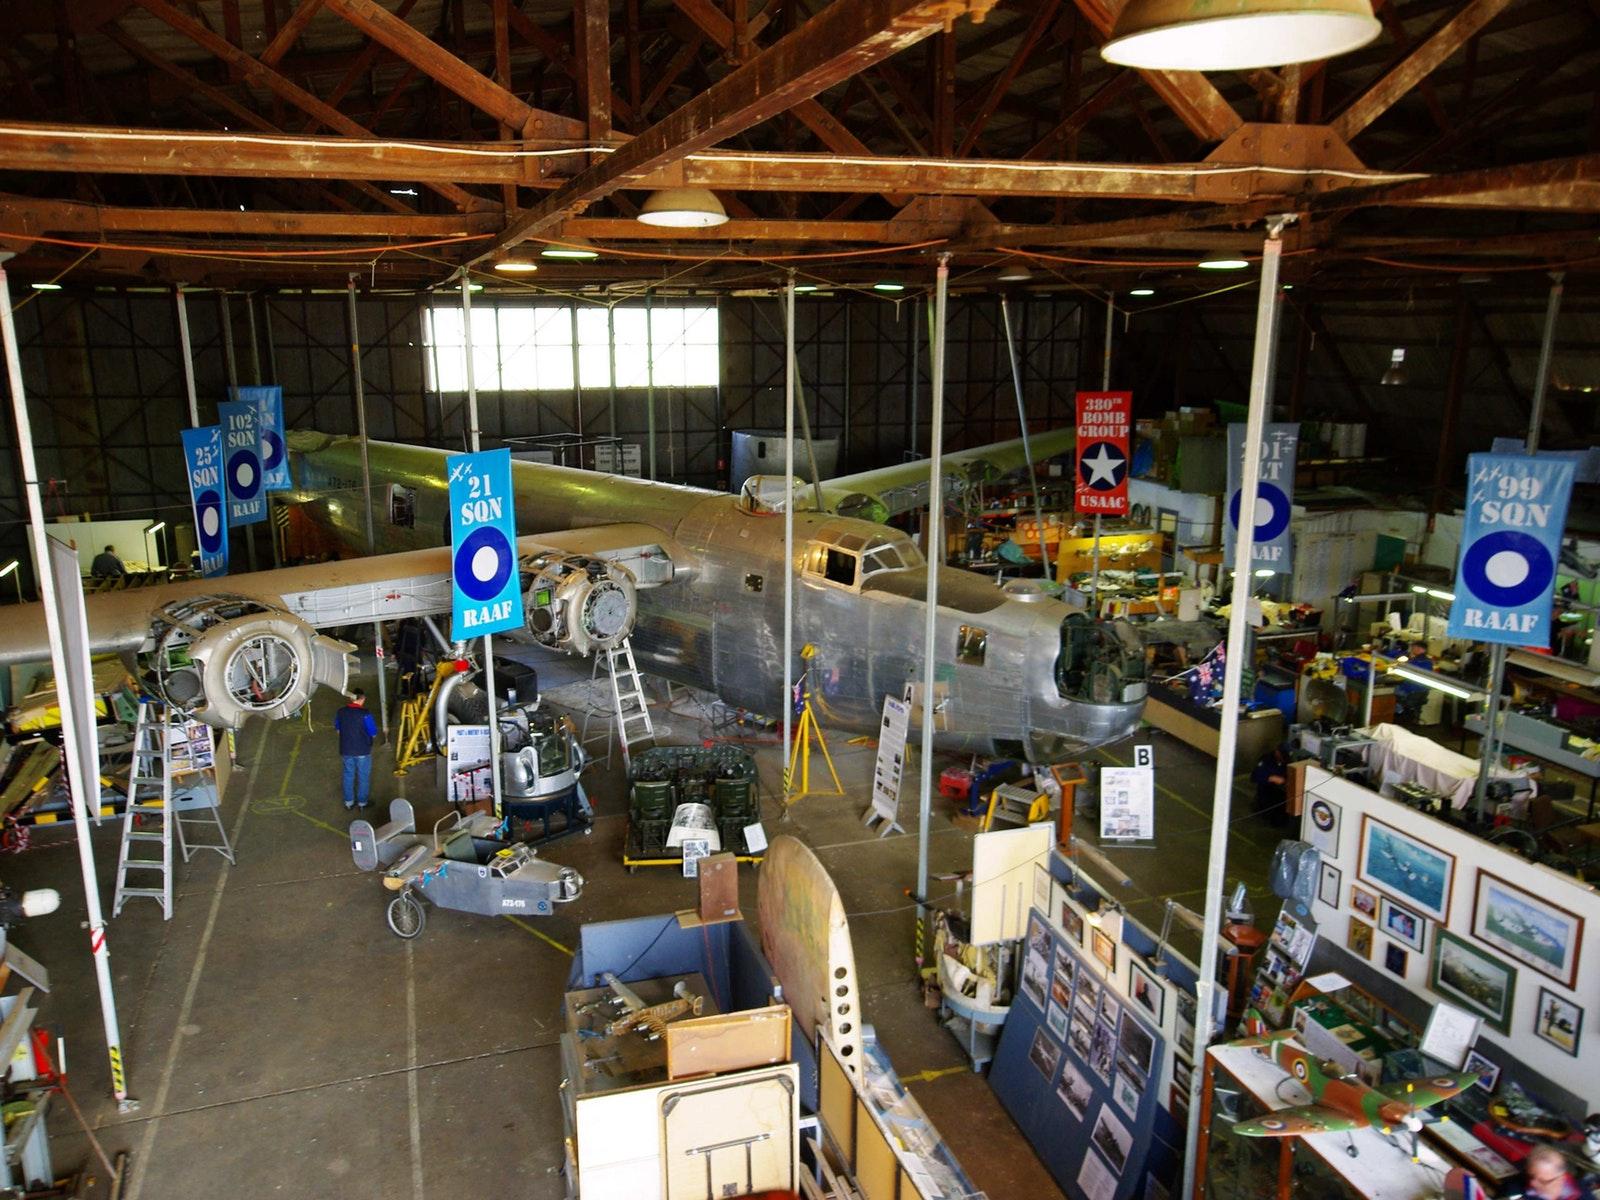 Restoration hangar